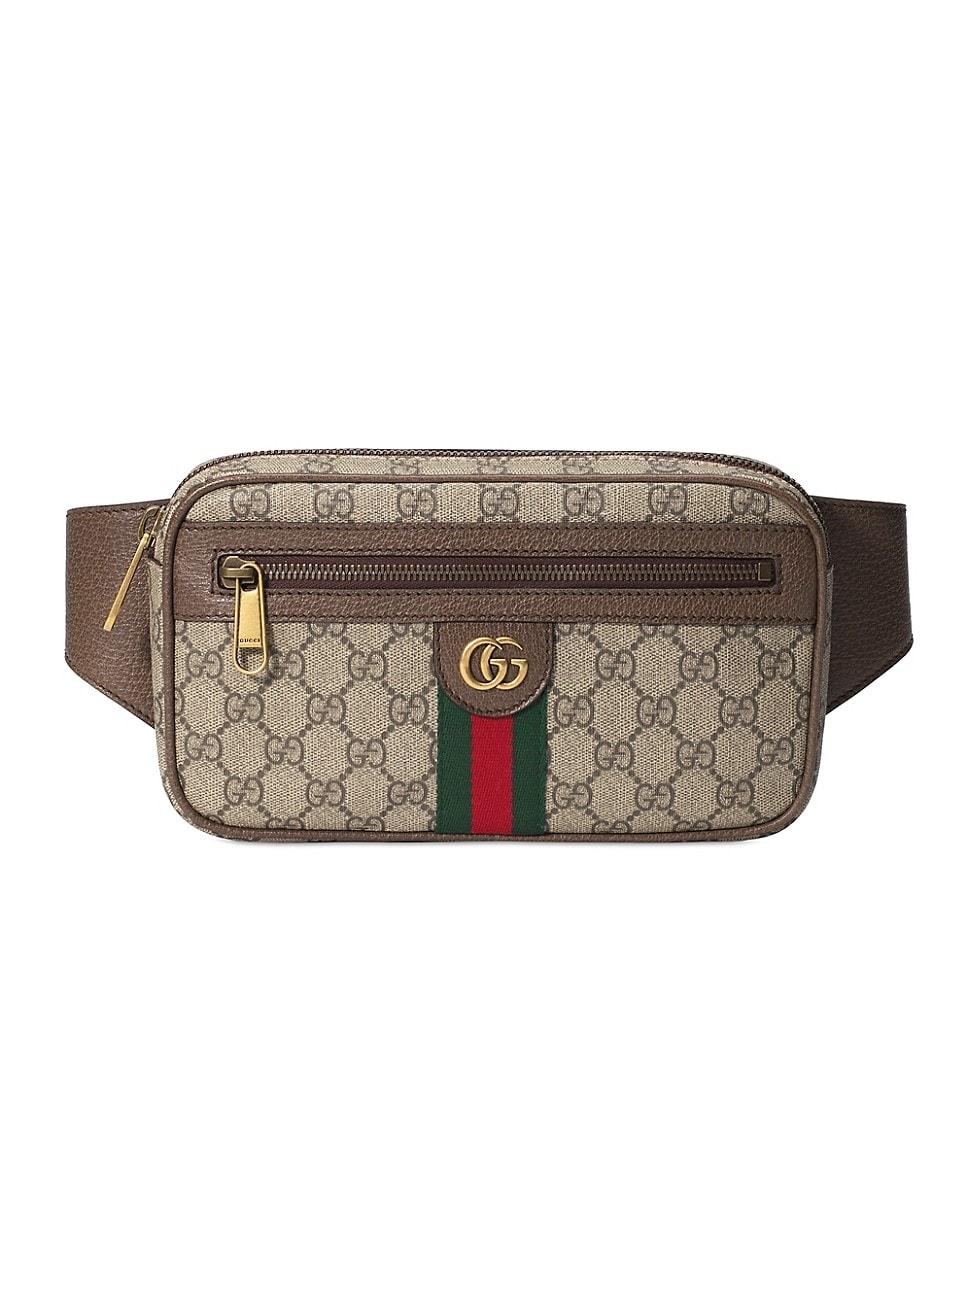 Gucci MEN'S OPHEDIA BELT BAG